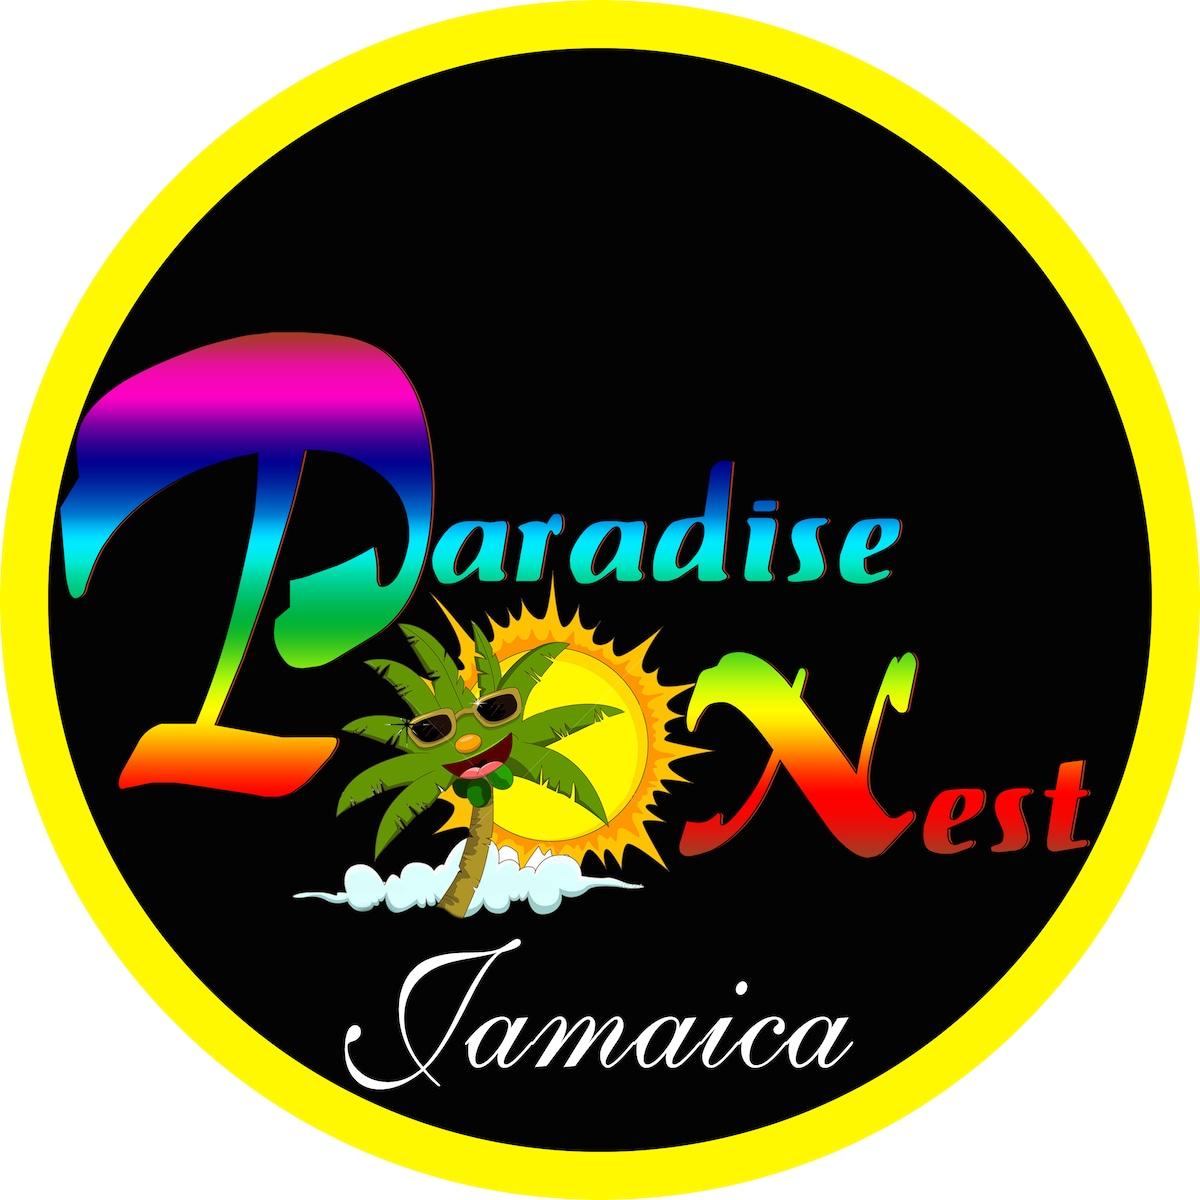 Paradise Nest